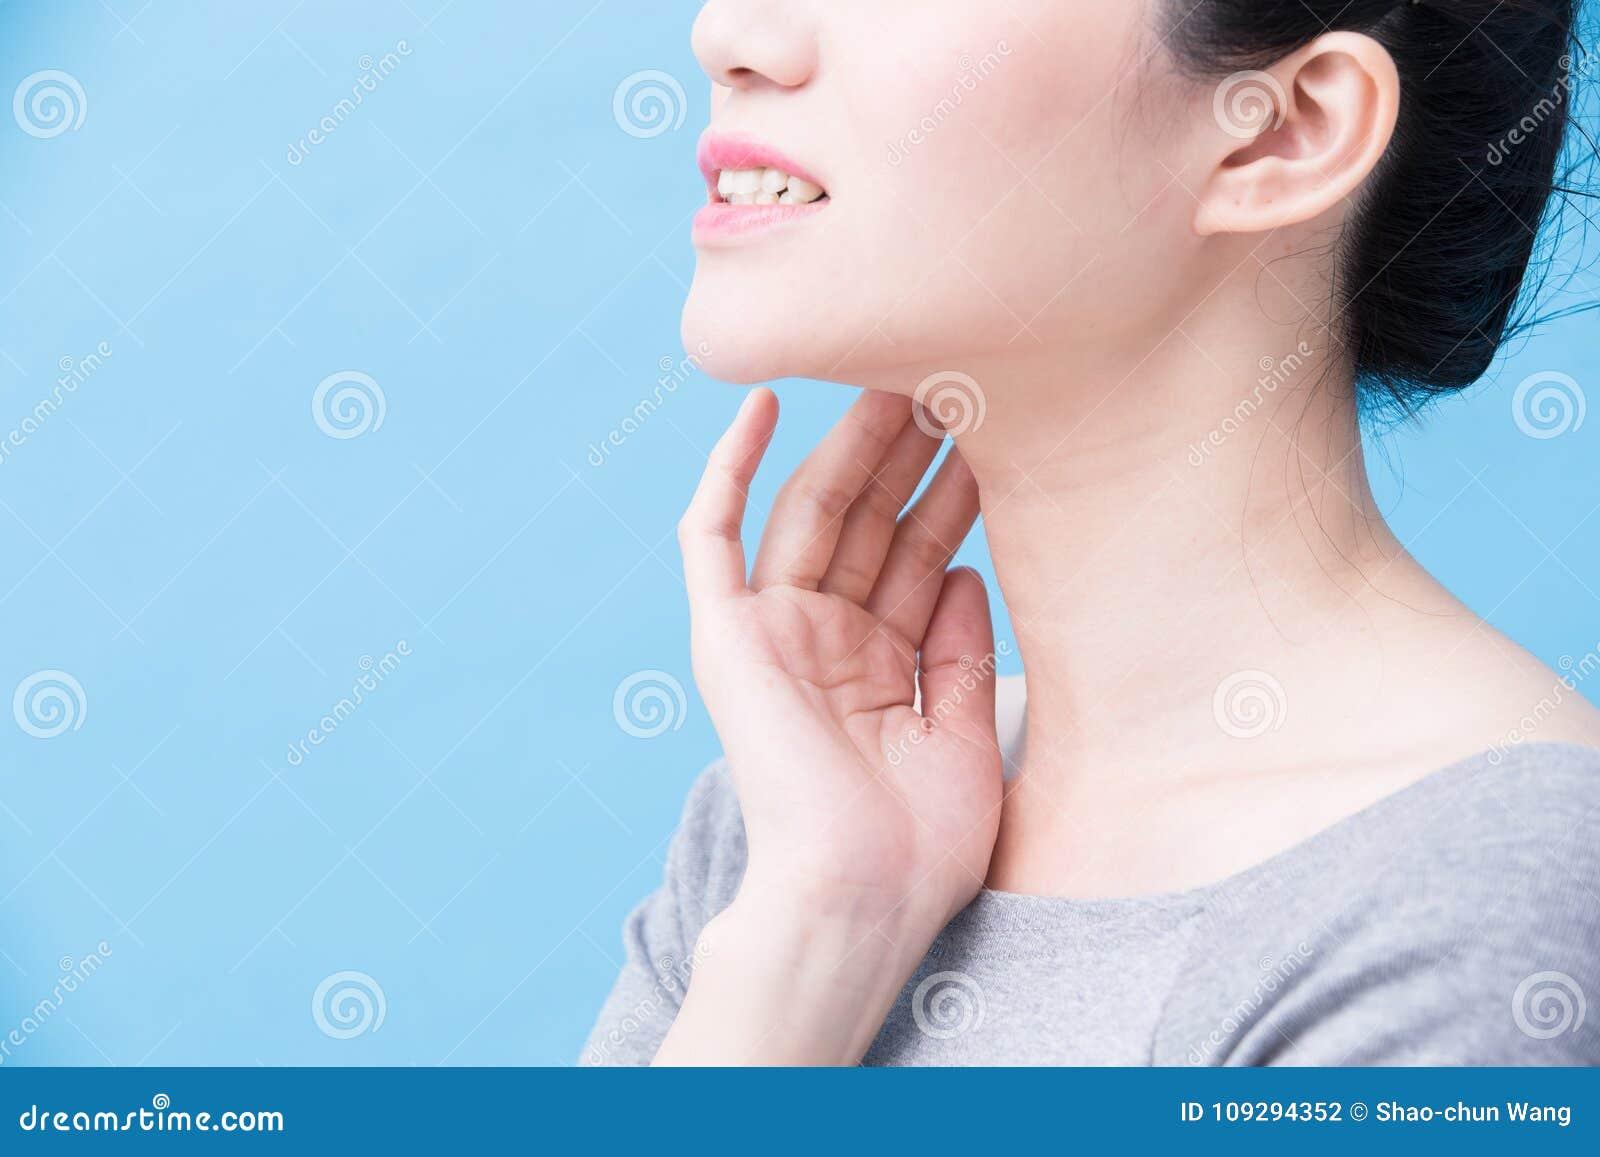 Женщины с проблемой тироидной железы